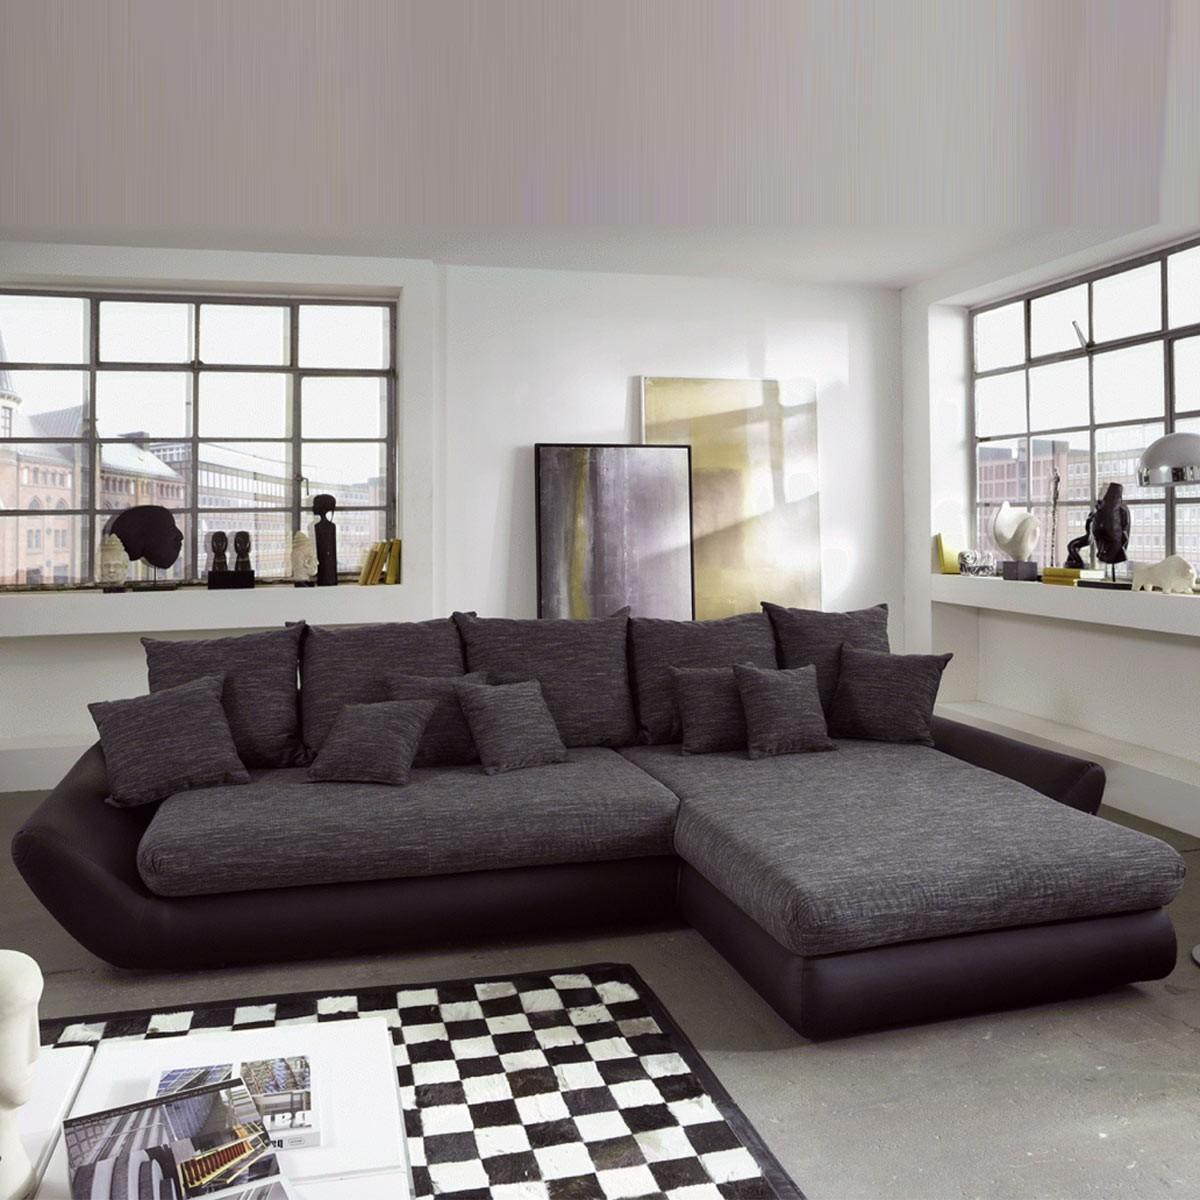 Sofagarnituren home immoviva design und luxus f r ihr for Wohnlandschaft lederoptik